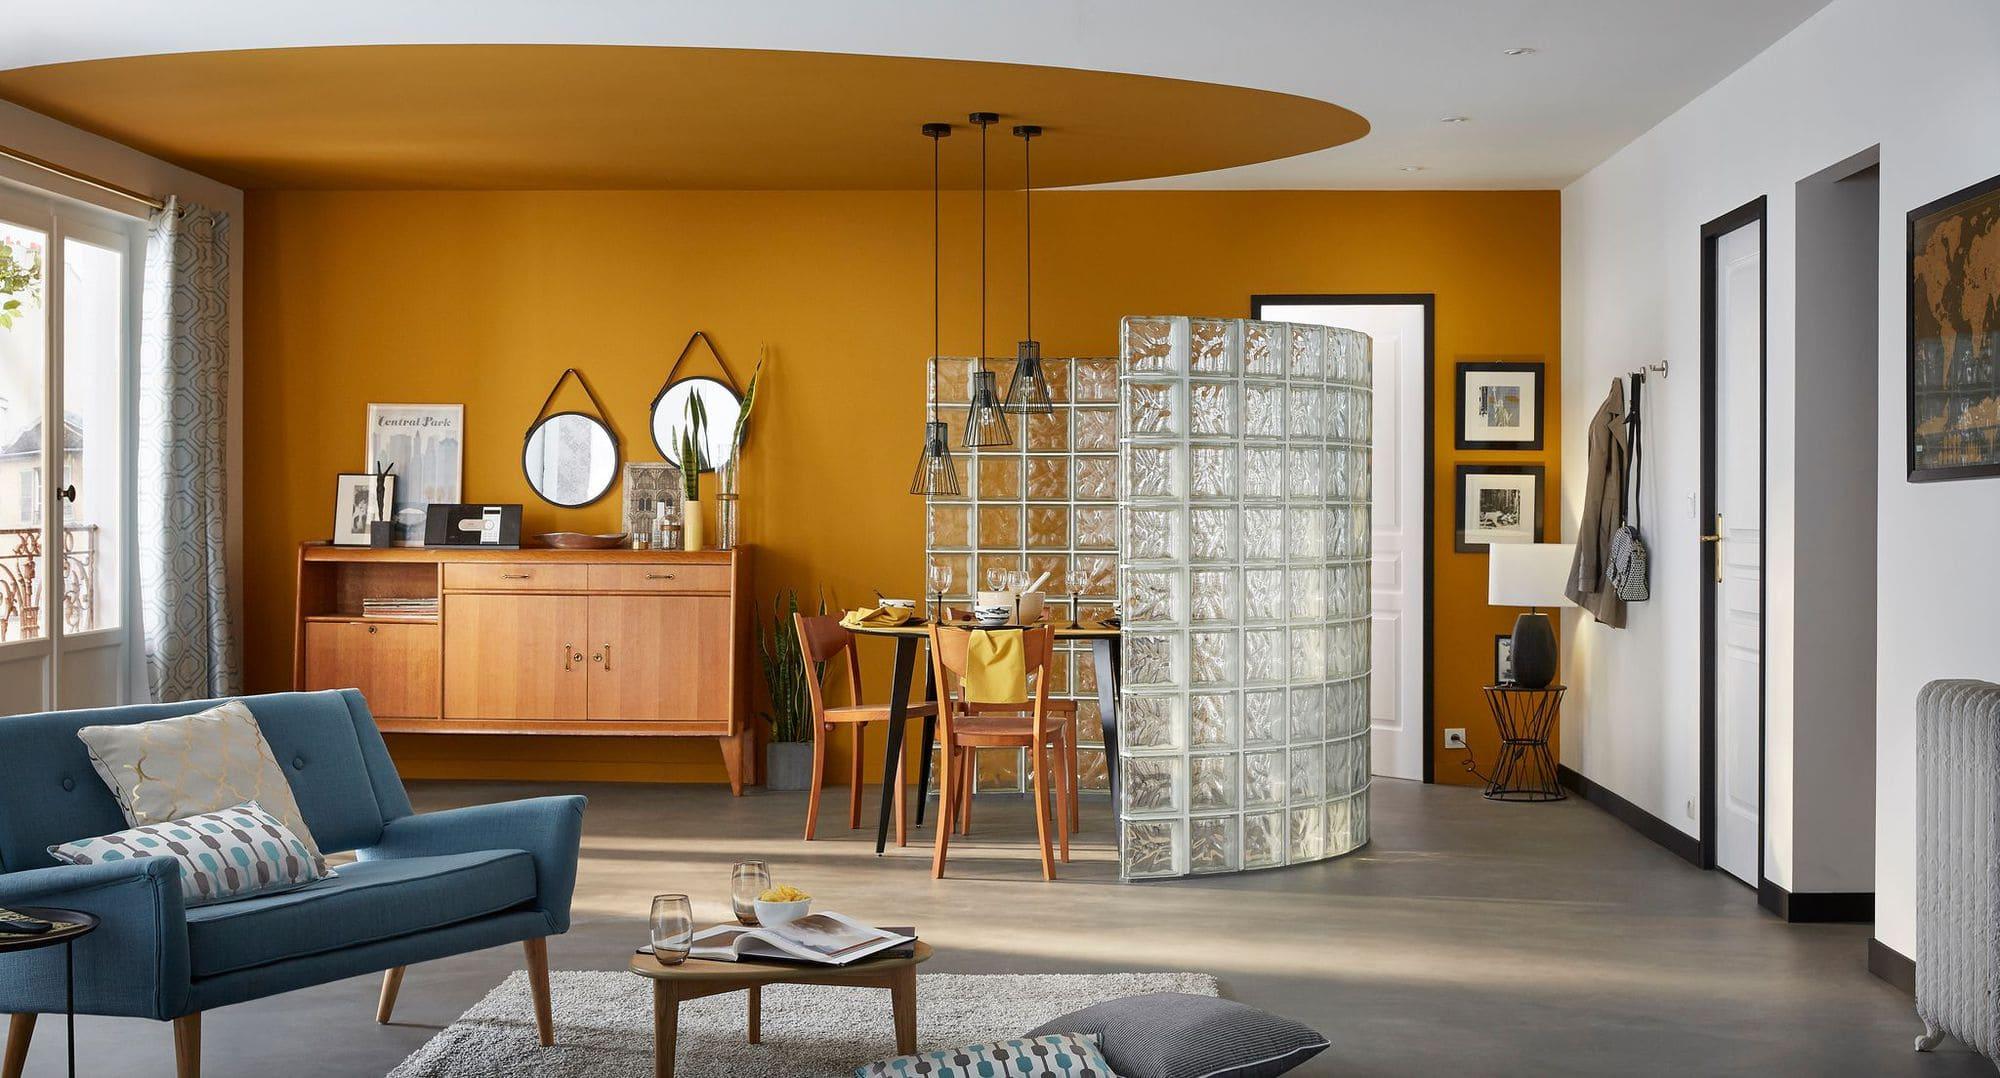 Couleur Tendance Pour Interieur Maison peinture maison : 20 couleurs tendance pour peindre son salon